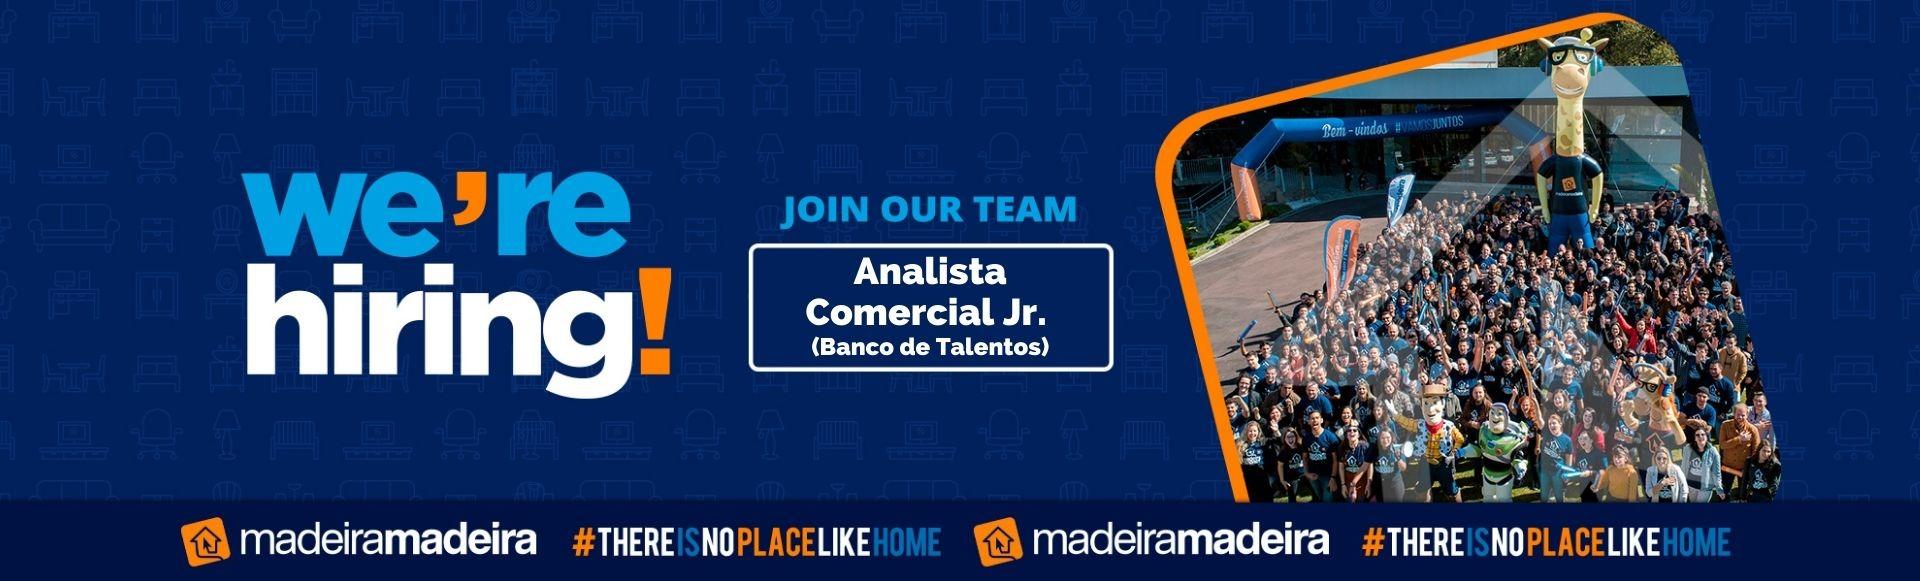 Analista Comercial Junior (Banco de Talentos)